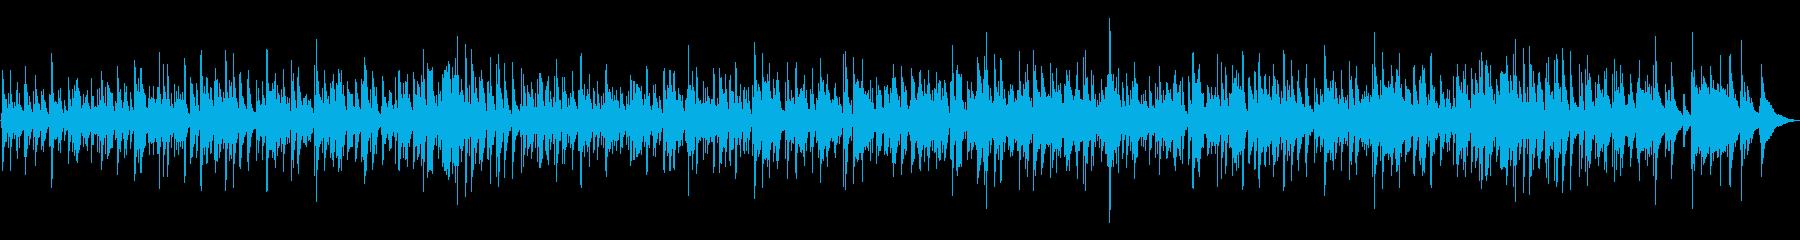 ムーディーなボサノバの再生済みの波形